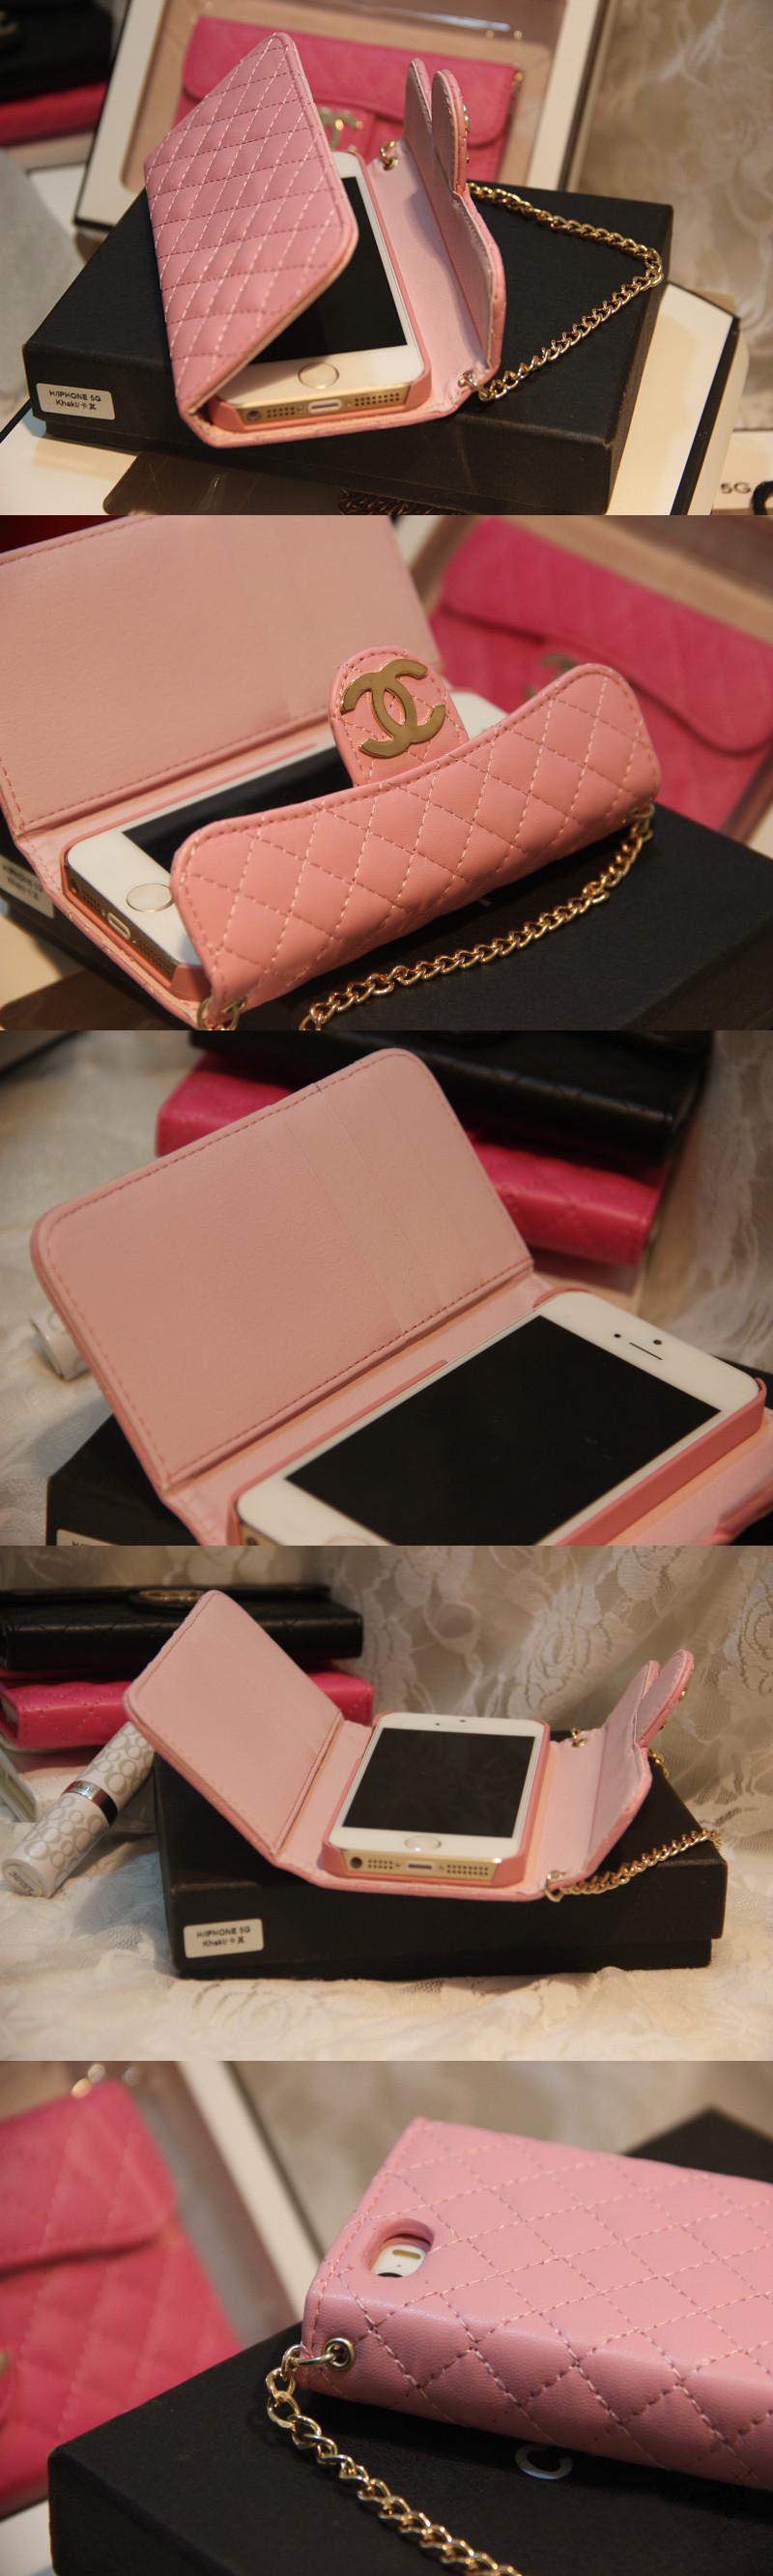 iphone 6 case custom design artsy iphone 6 cases fashion iphone6 case apple 6 features justin bieber phone case 6.6 inch iphone case for i phone 6 new iphone update iphone case aluminium